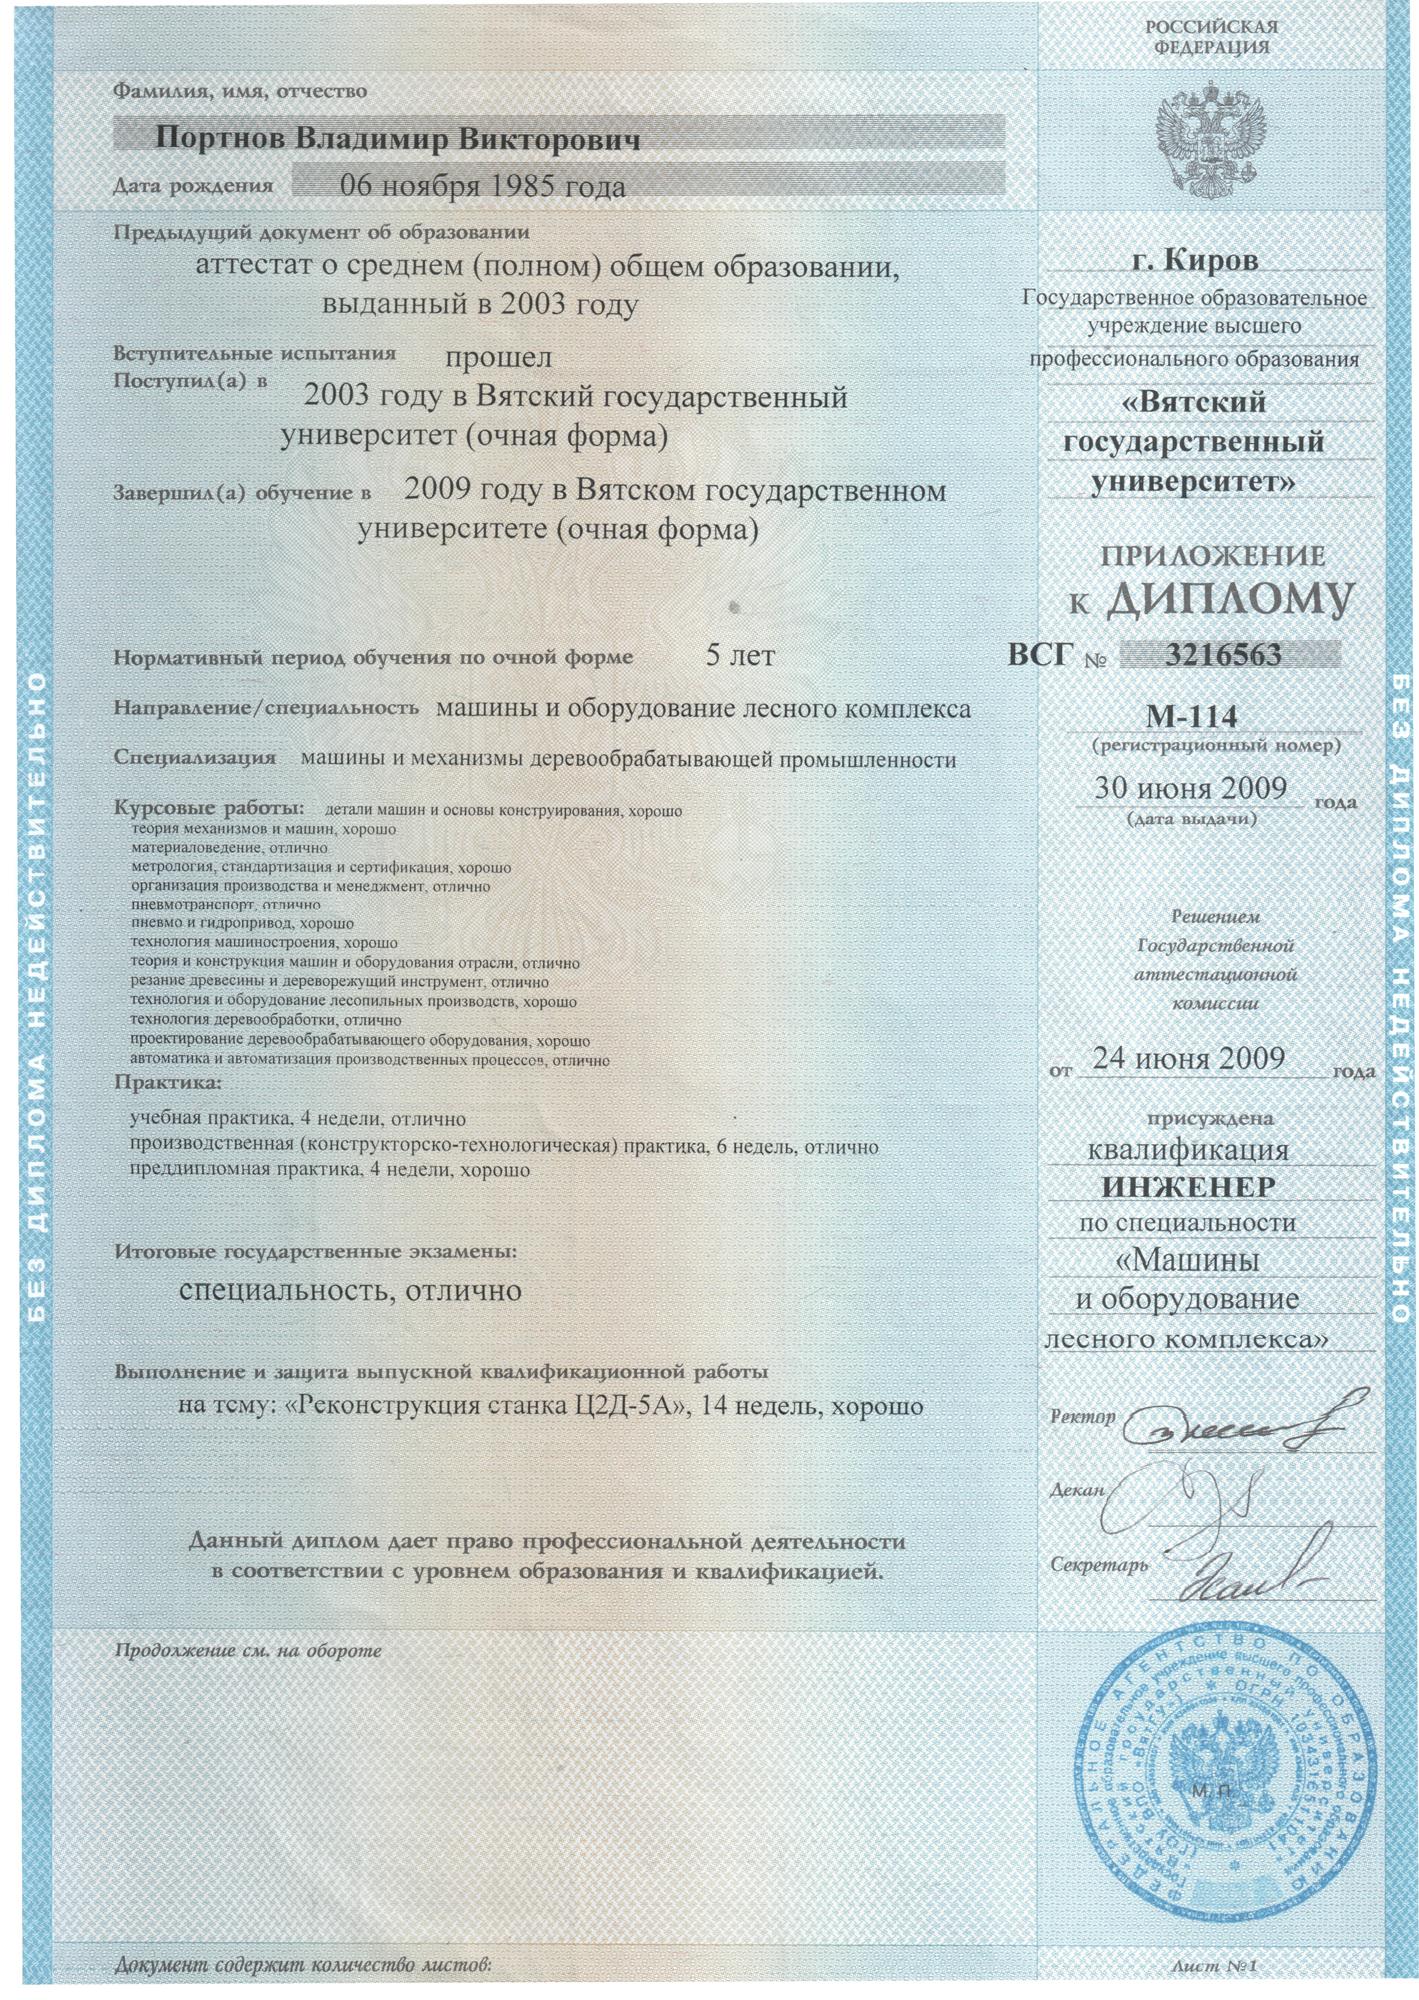 Грамоты и дипломы Портнова Владимир Диплом инженера ВГУ 2009